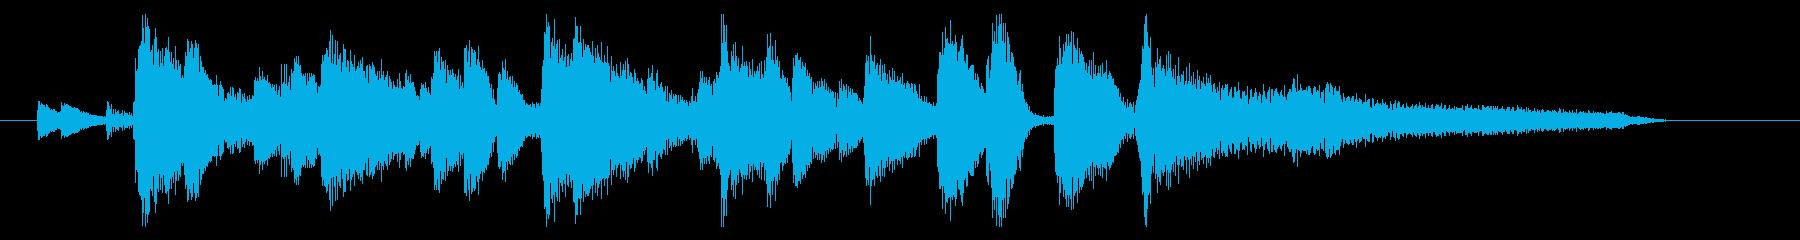 おしゃれなジャズ ジングル10の再生済みの波形